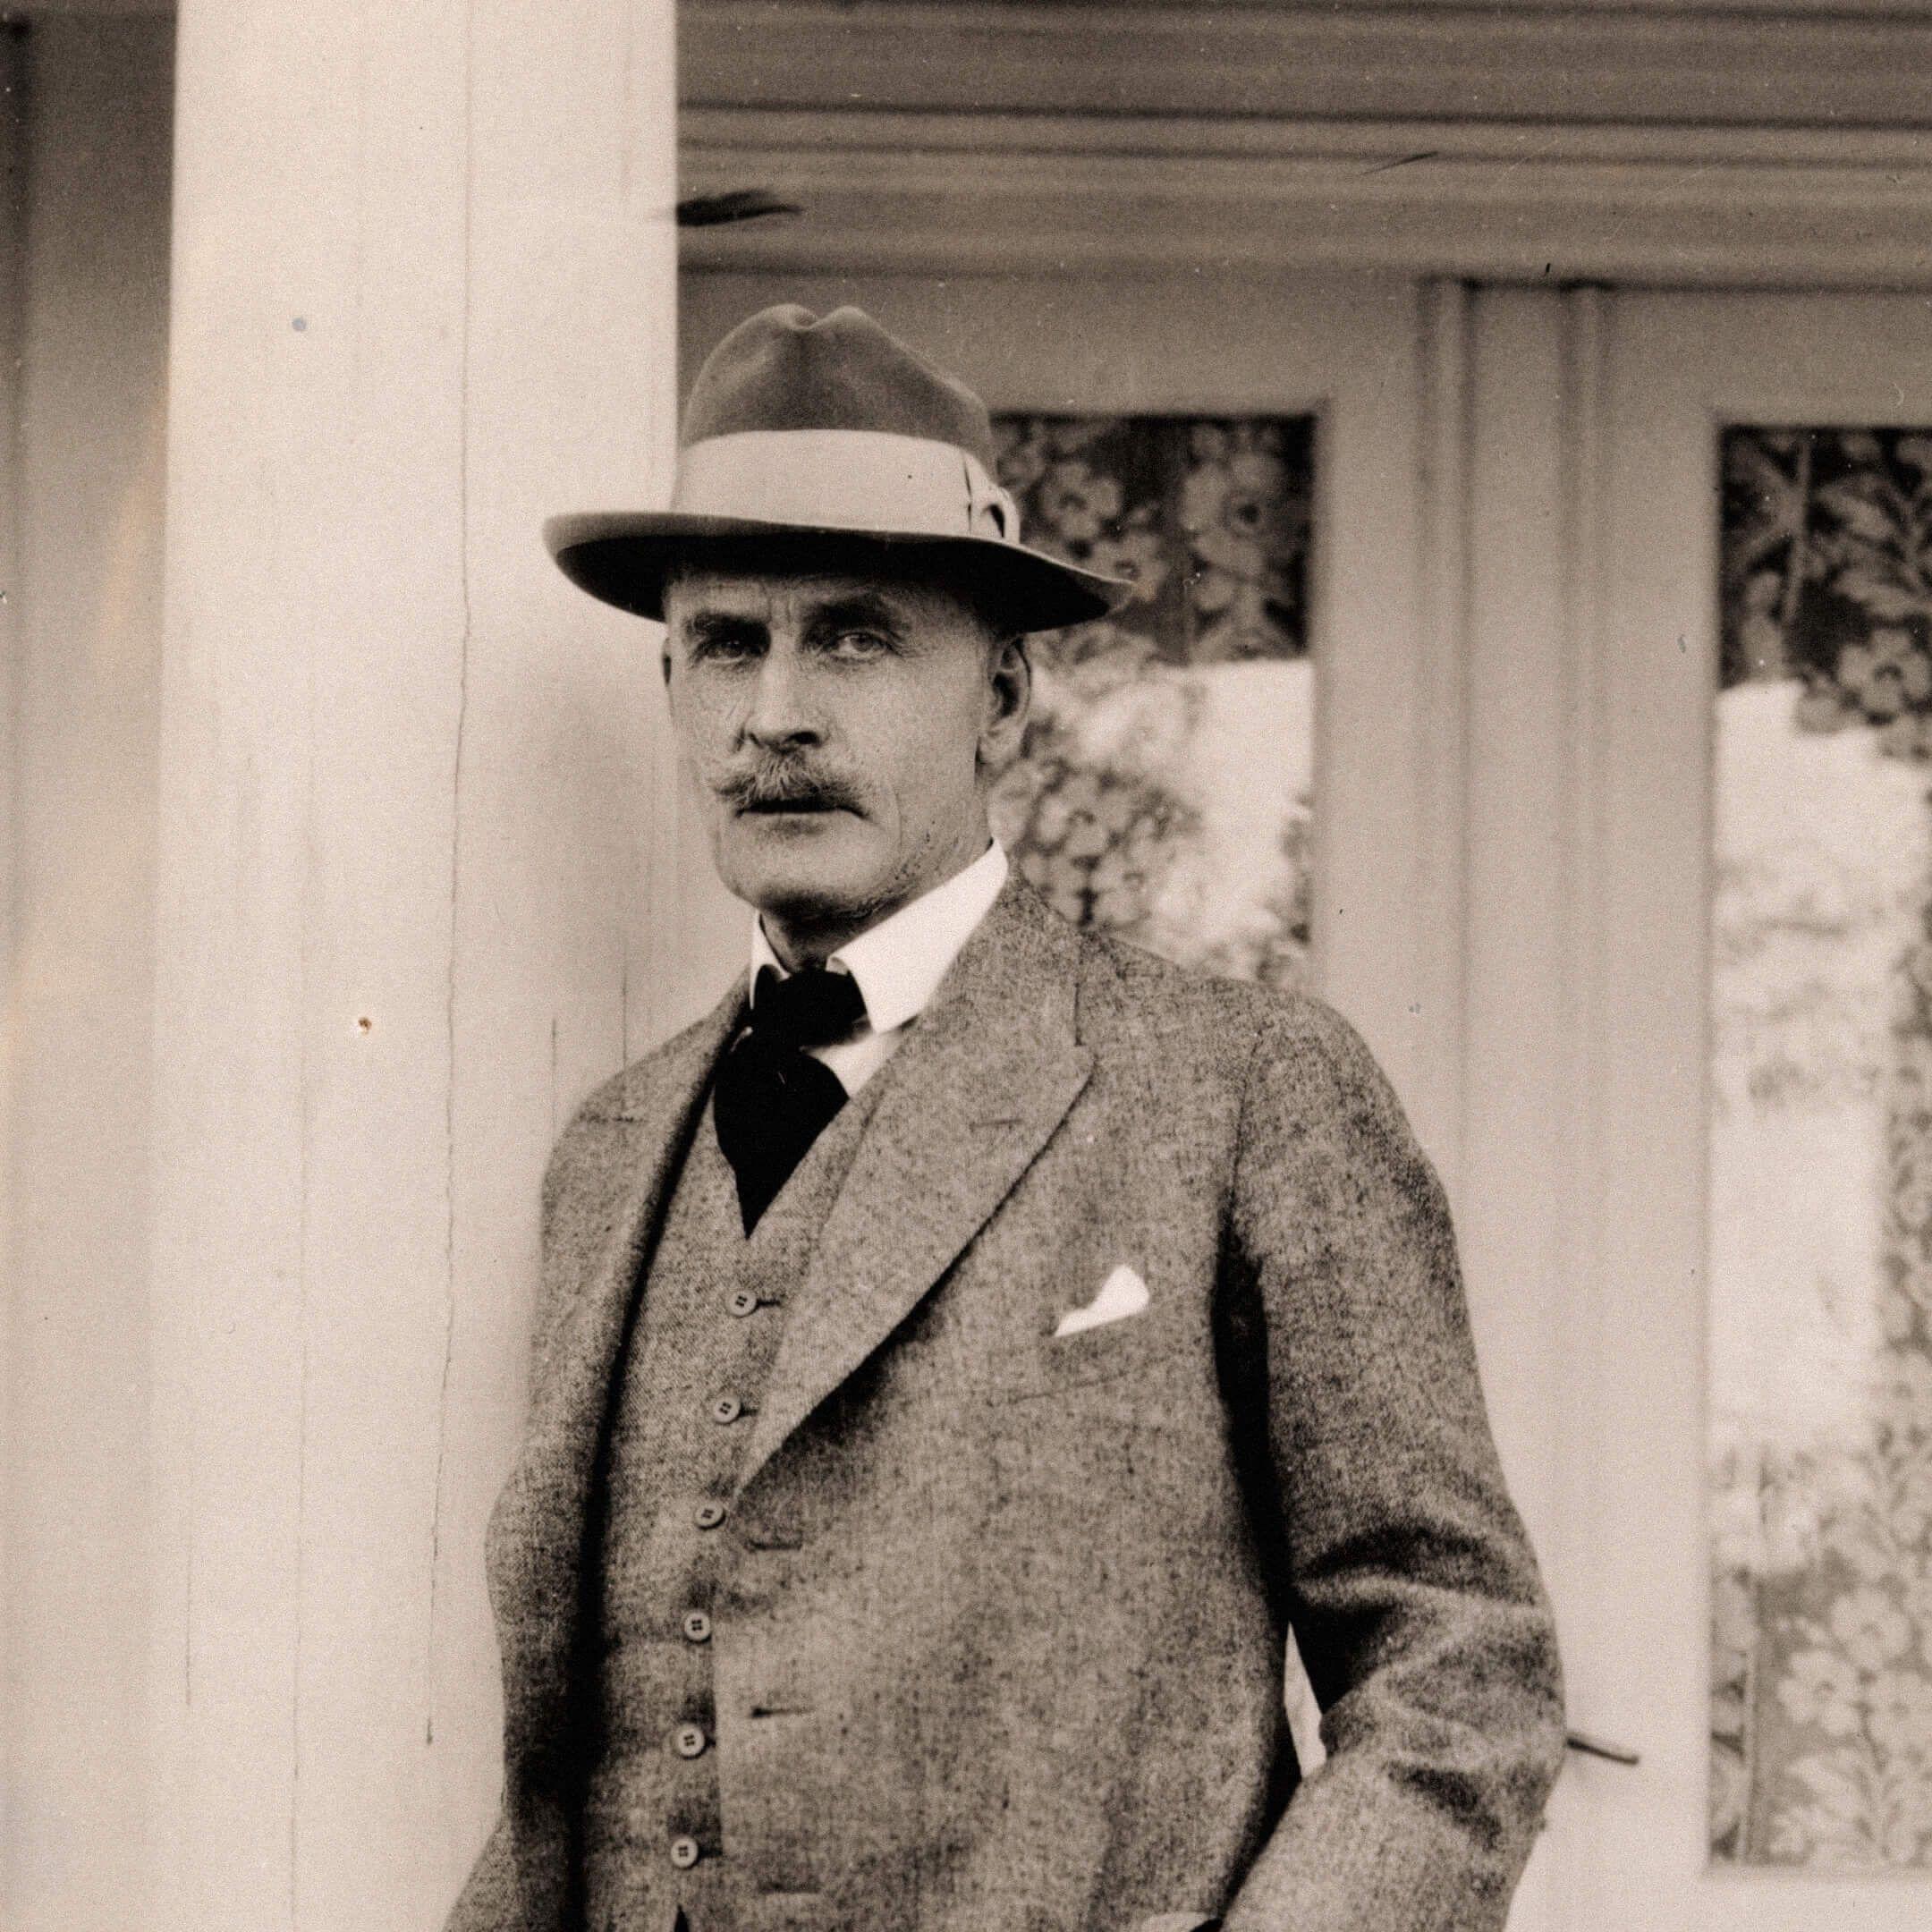 Портрет Кнута Гамсуна, Норхольм, 1927г. / Фотограф Андерс Бир Вильс, flickr.com